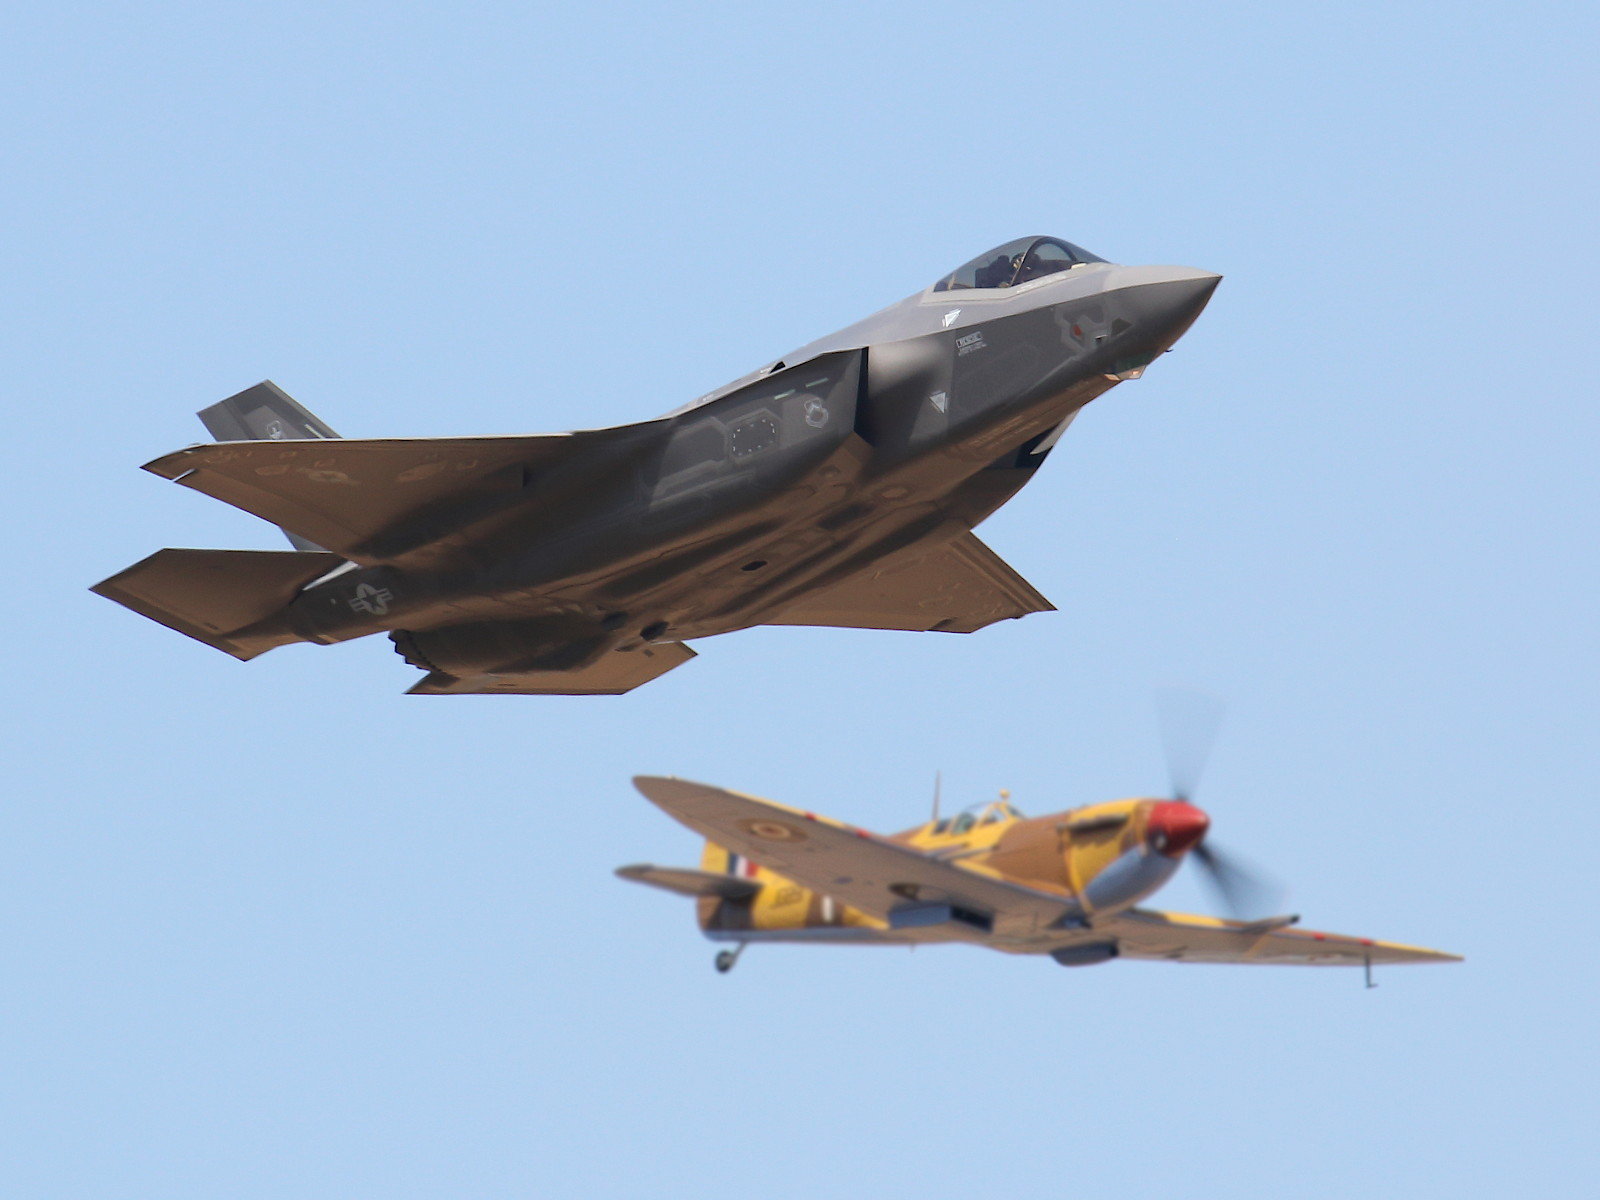 Lockheed Martin F-35A Lightning II 15-5127; Supermarine Spitfire Mk.Vc JG891 © Doppeladler.com